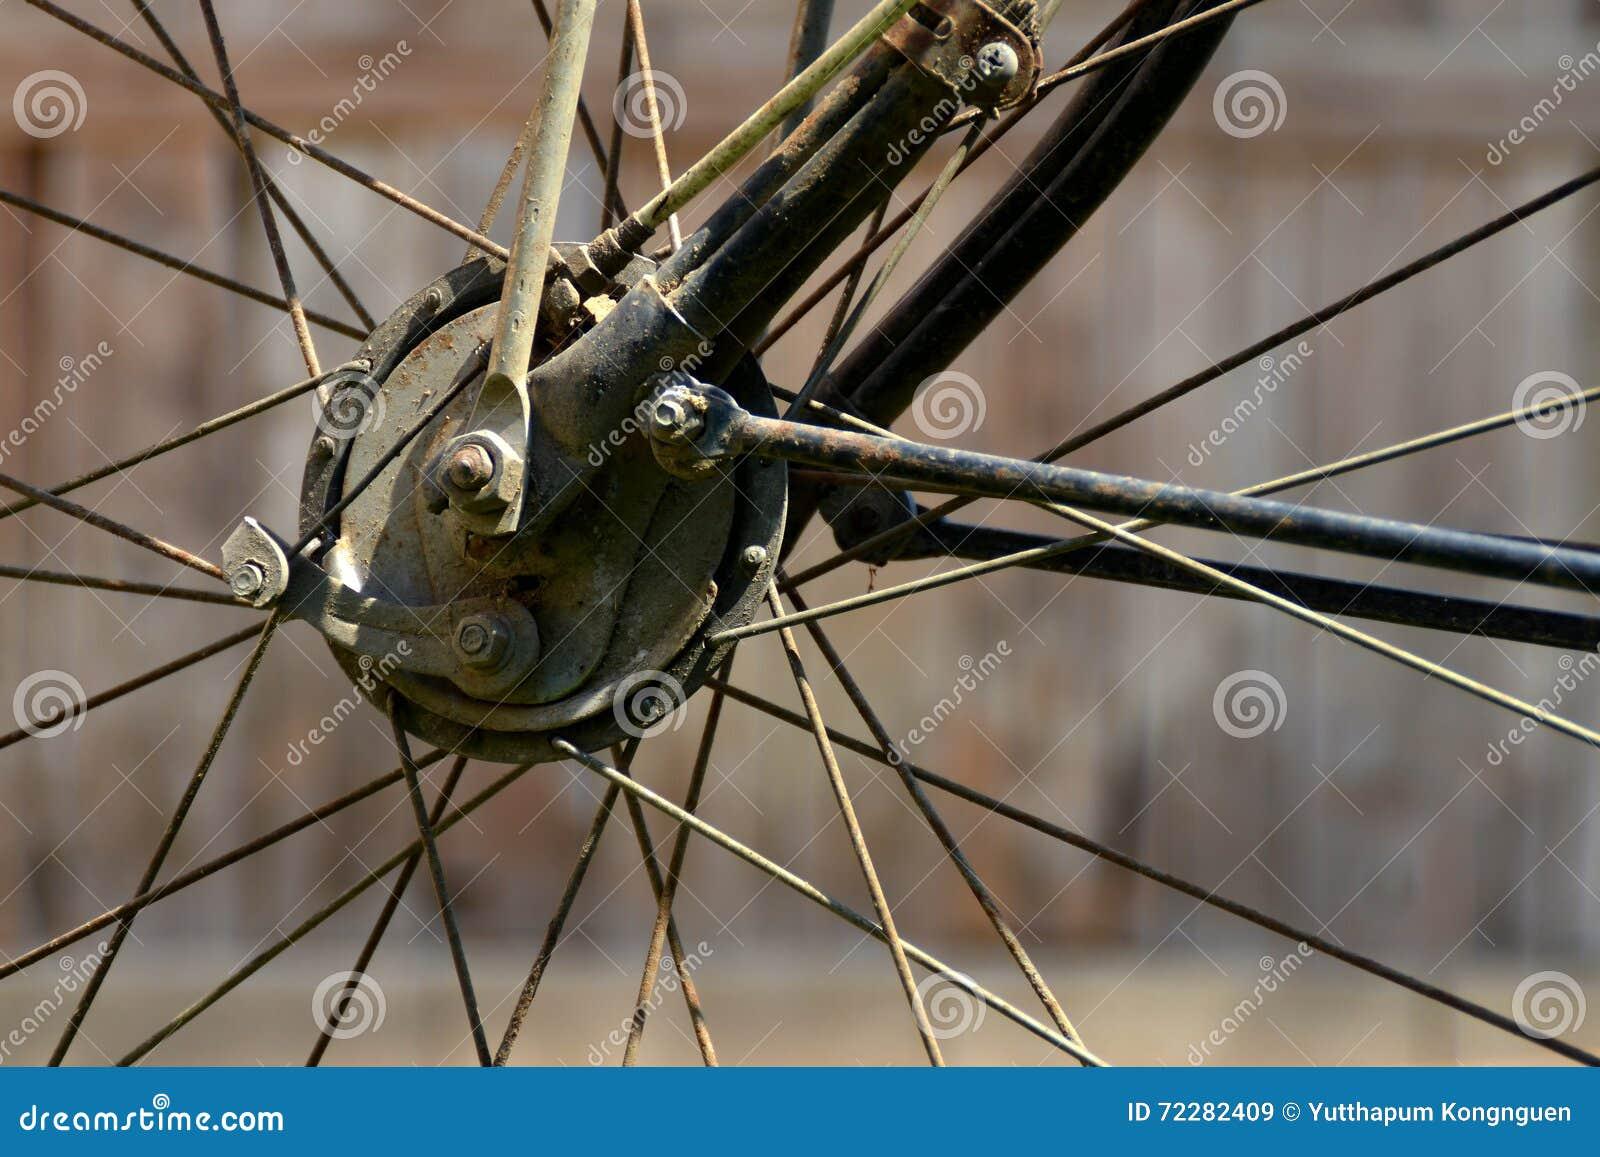 Download Велосипед колеса стоковое изображение. изображение насчитывающей деталь - 72282409